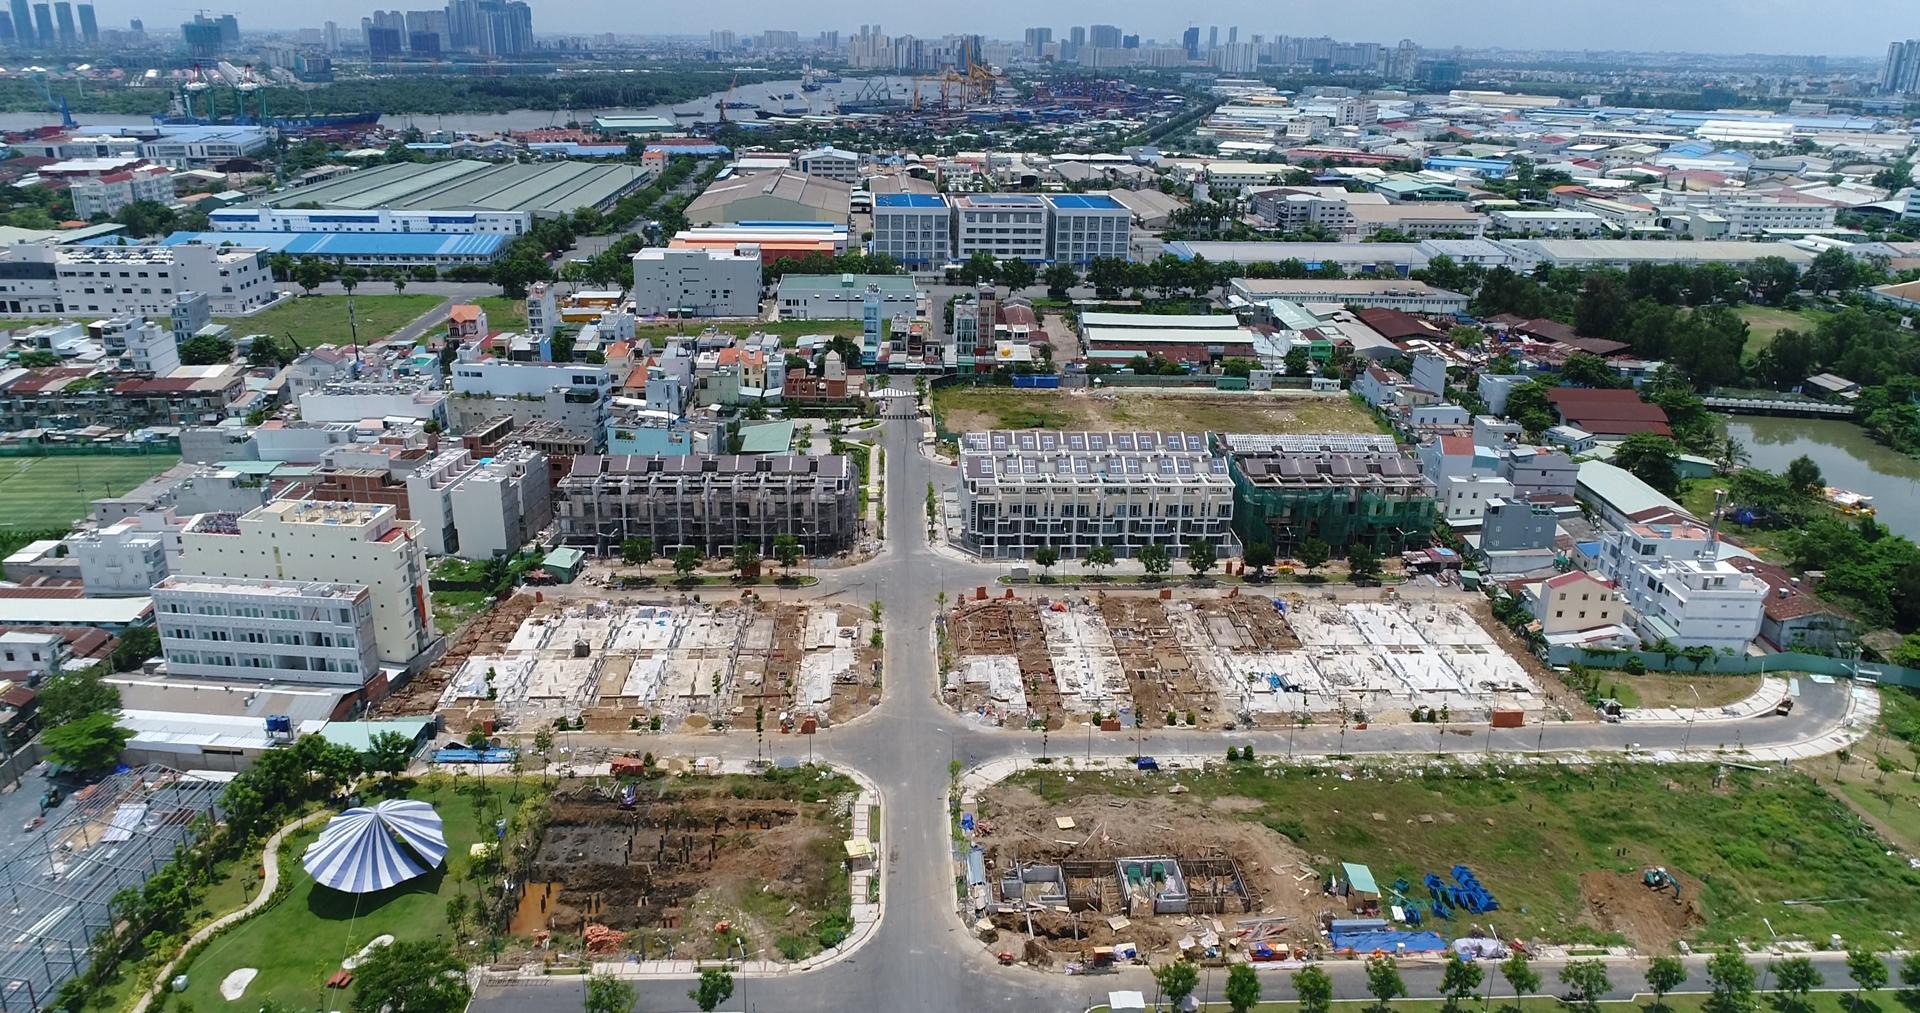 Chọn biệt thự, nhà phố gần ngay trung tâm giá tốt, giấc mơ thành hiện thực